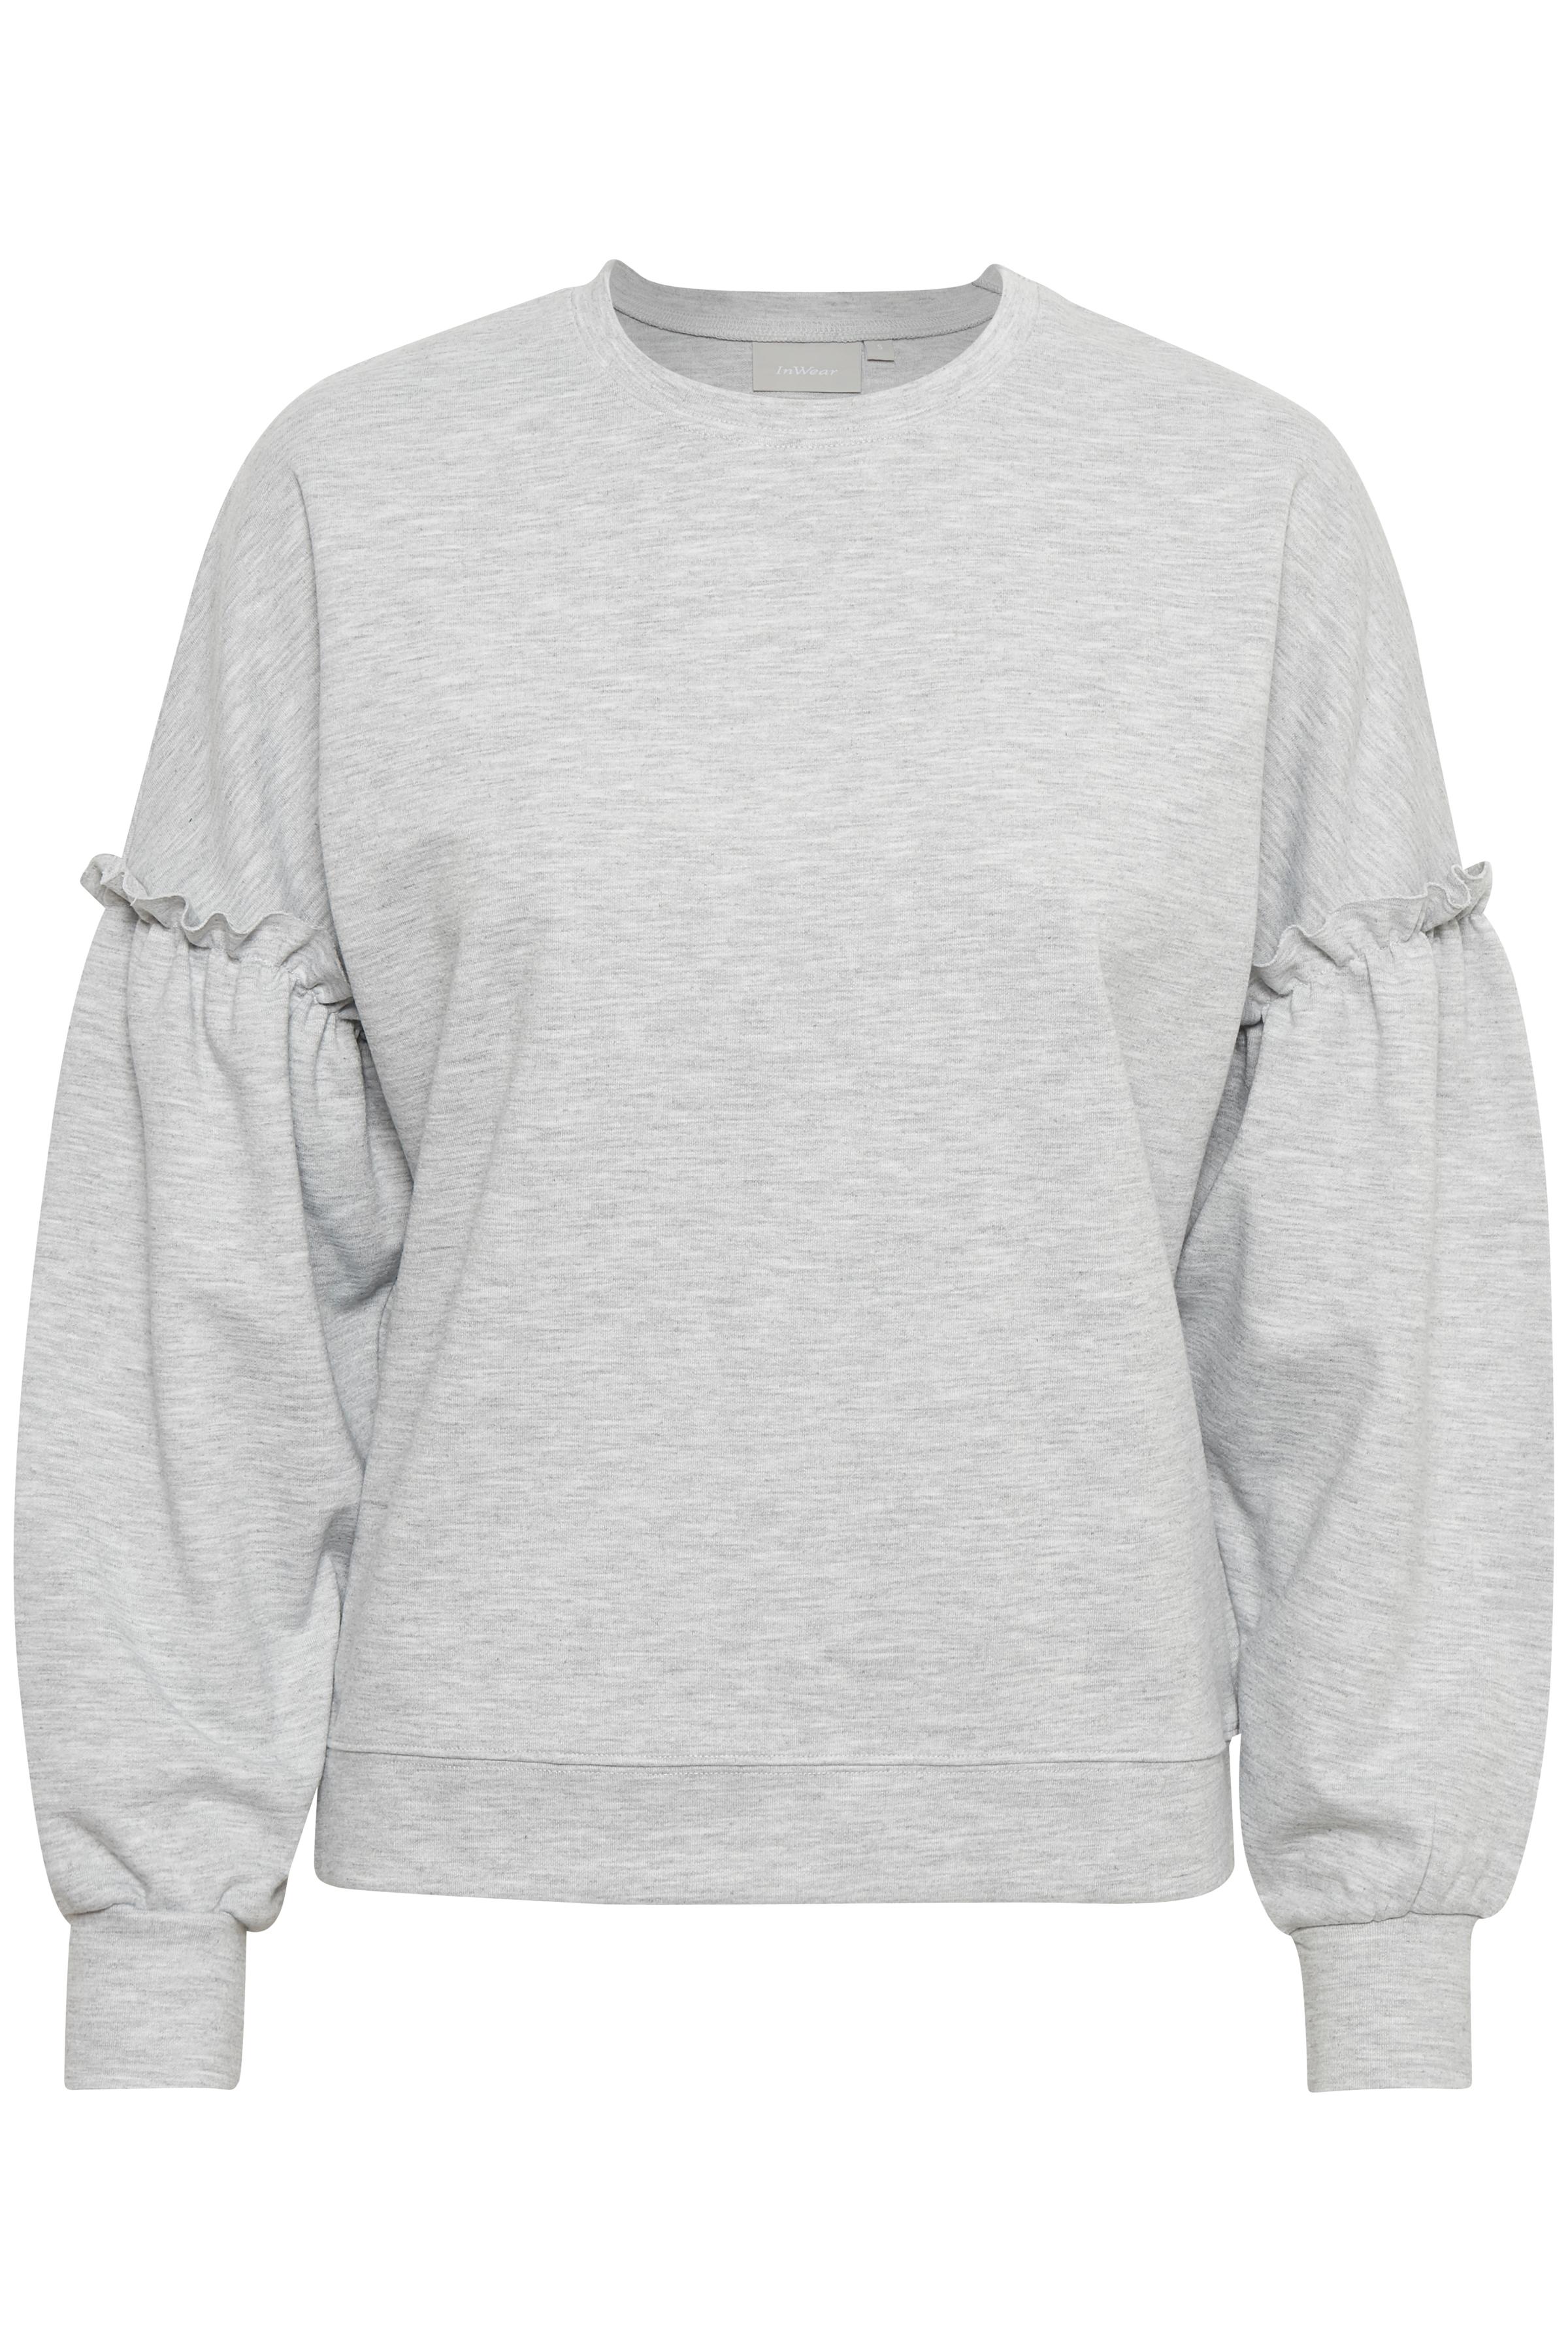 New Light Grey Melange